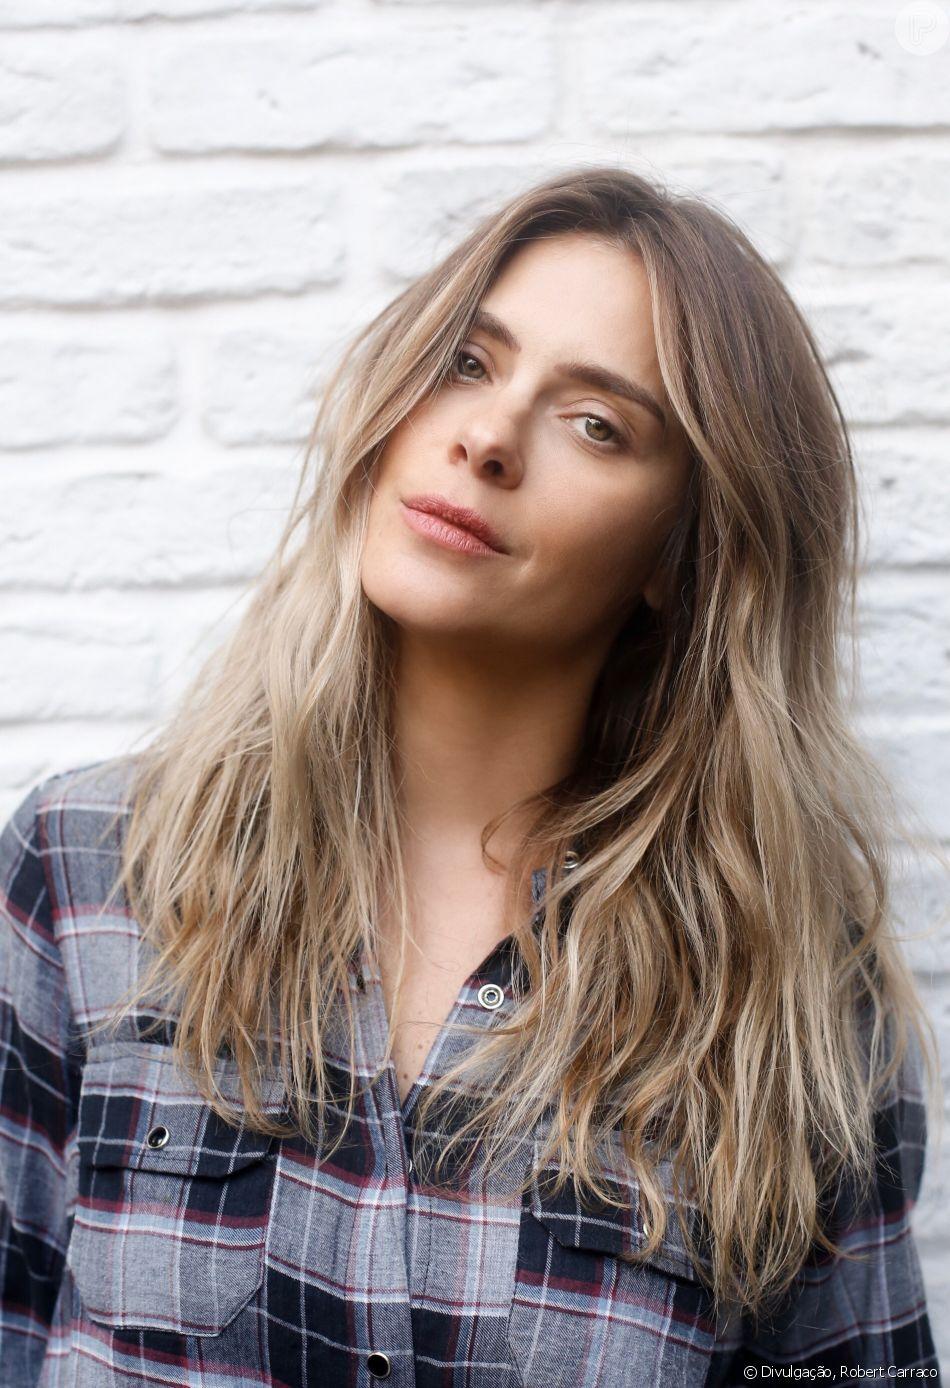 Carolina Dieckmann afasta rumor de procedimento no rosto em foto nesta segunda-feira, dia 10 de setembro de 2018